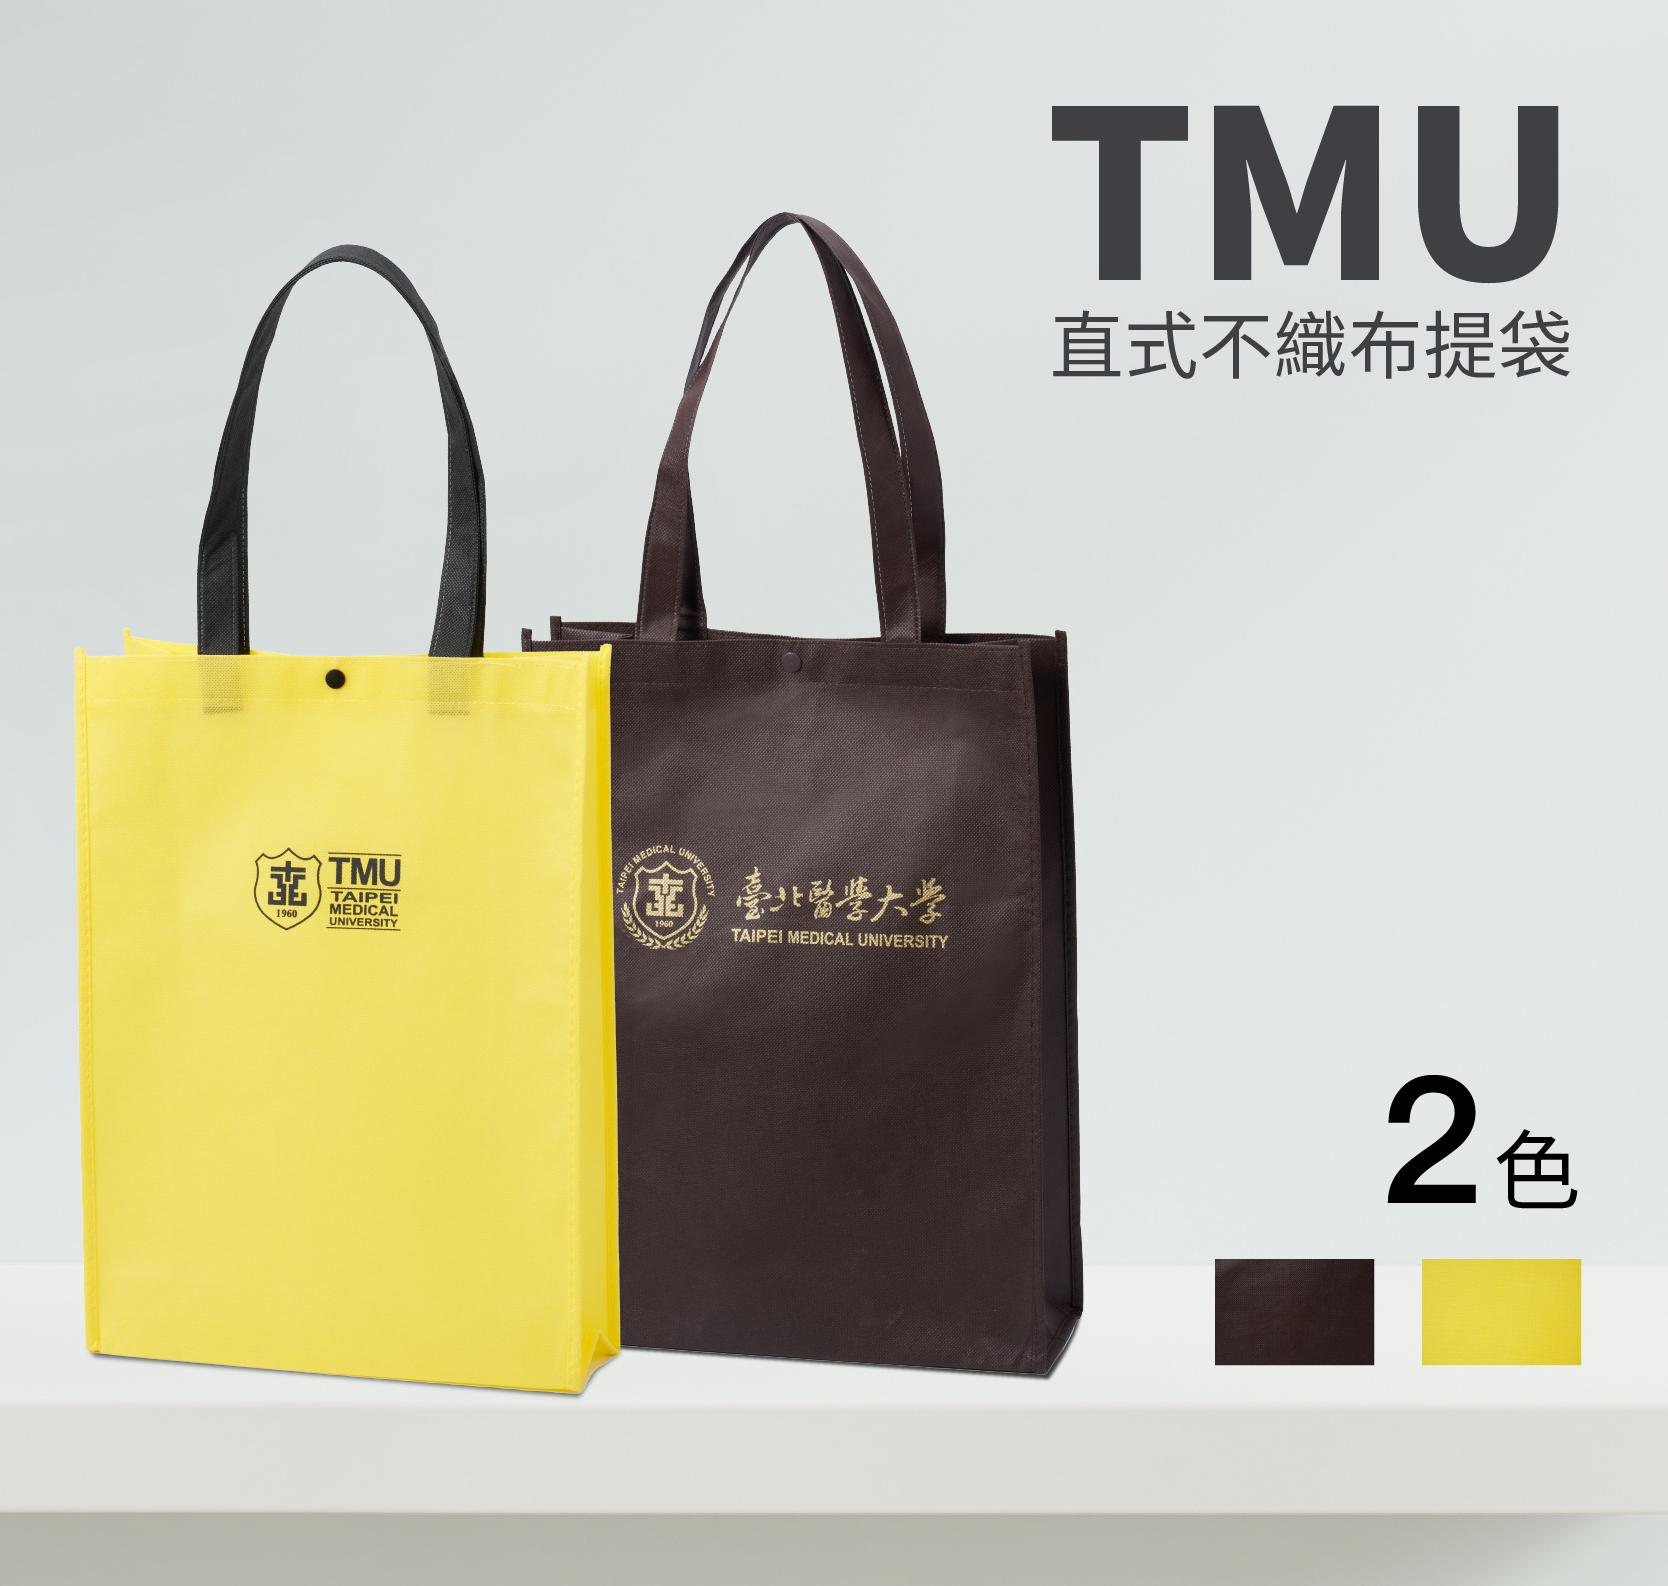 TMU 不織布提袋 (校徽經典款)